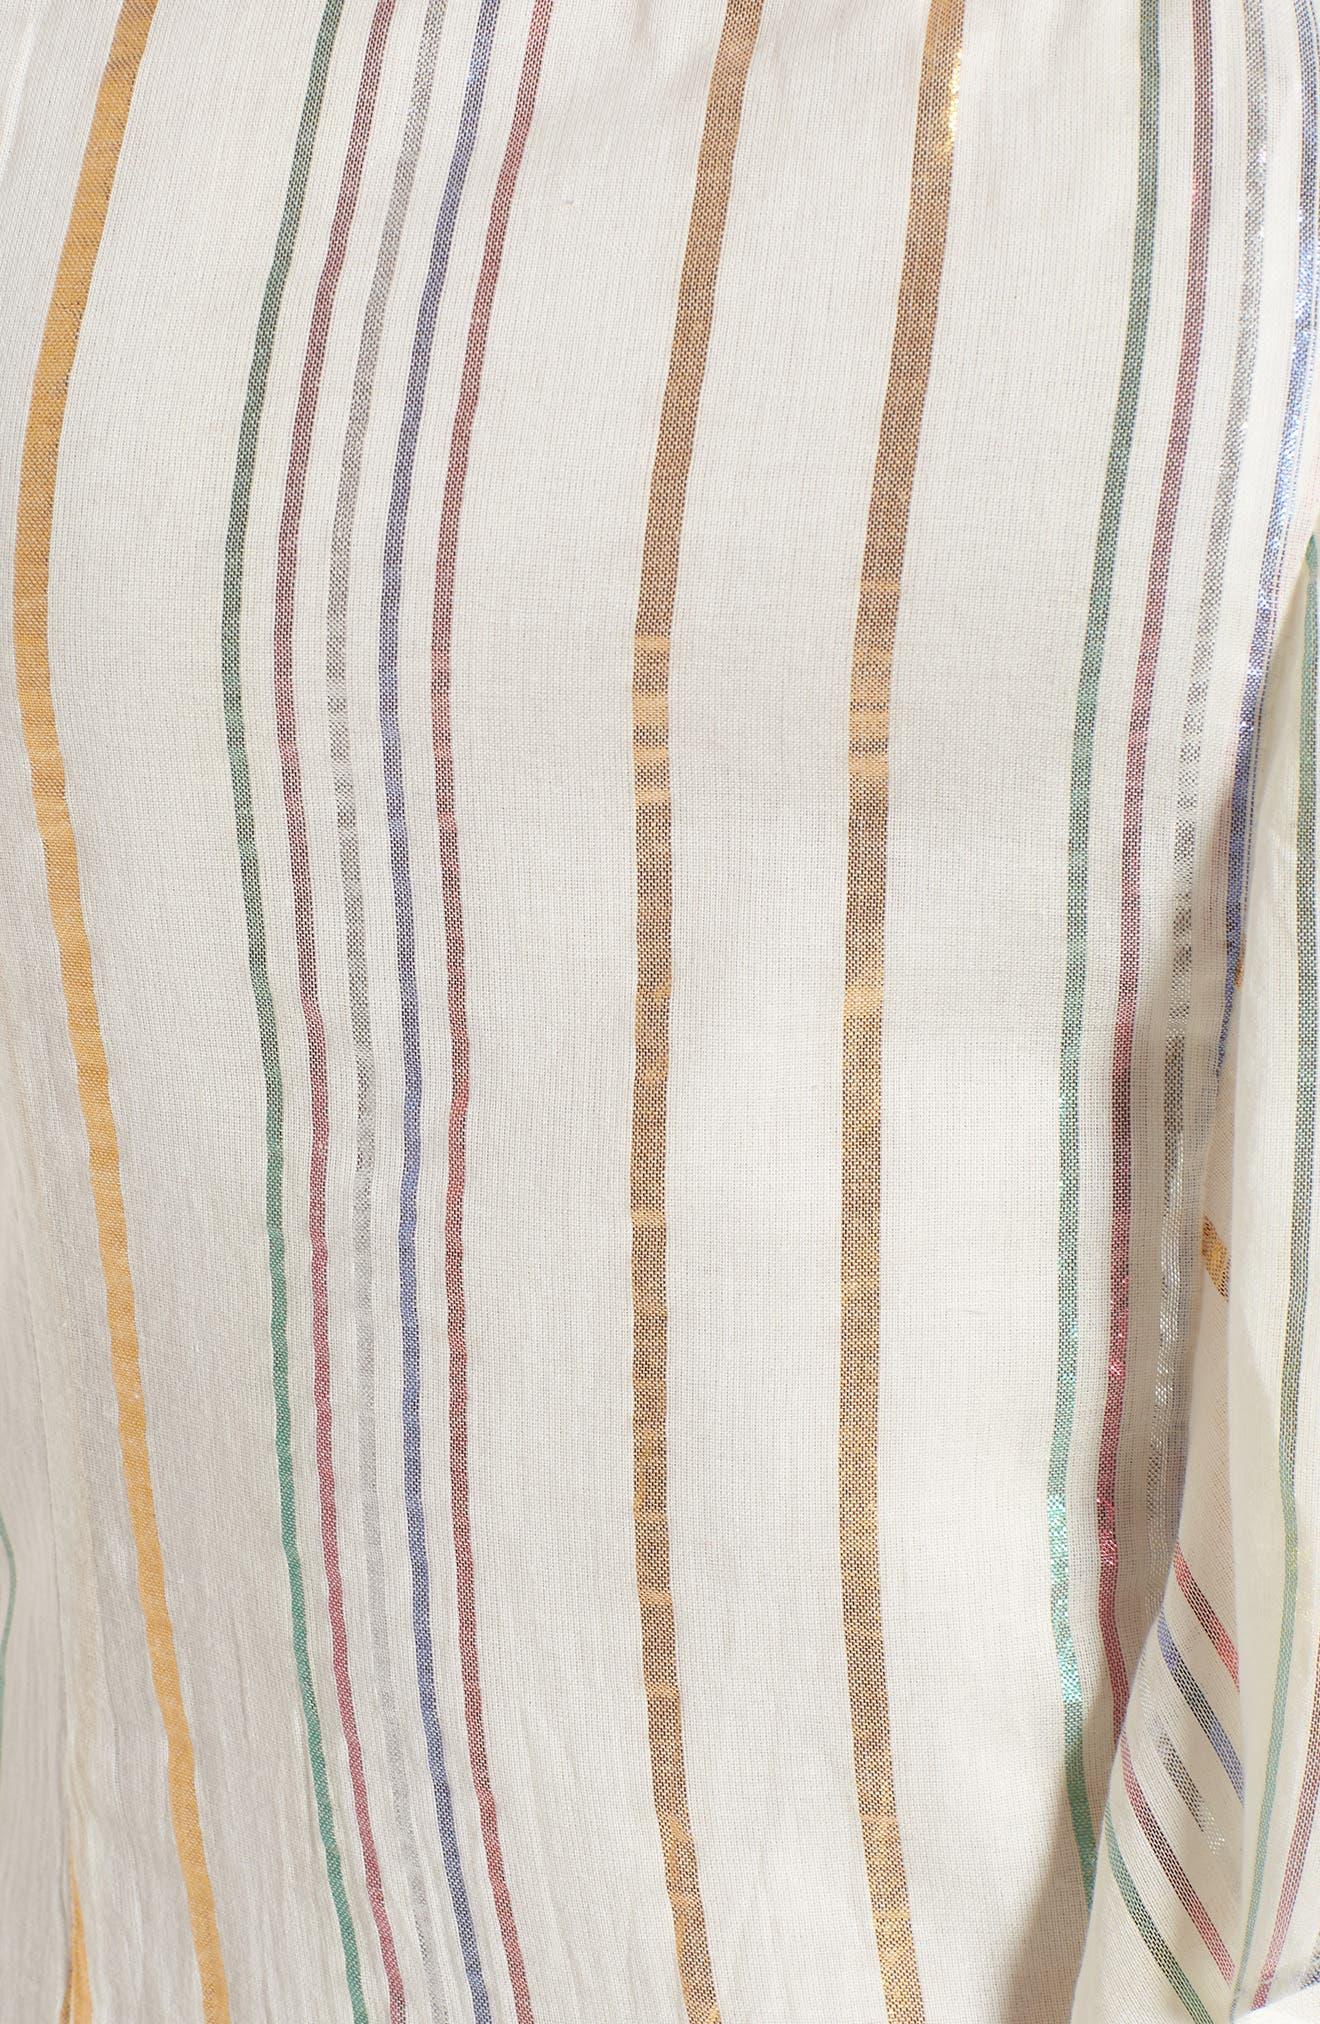 Cait One-Shoulder Sheath Dress,                             Alternate thumbnail 5, color,                             111